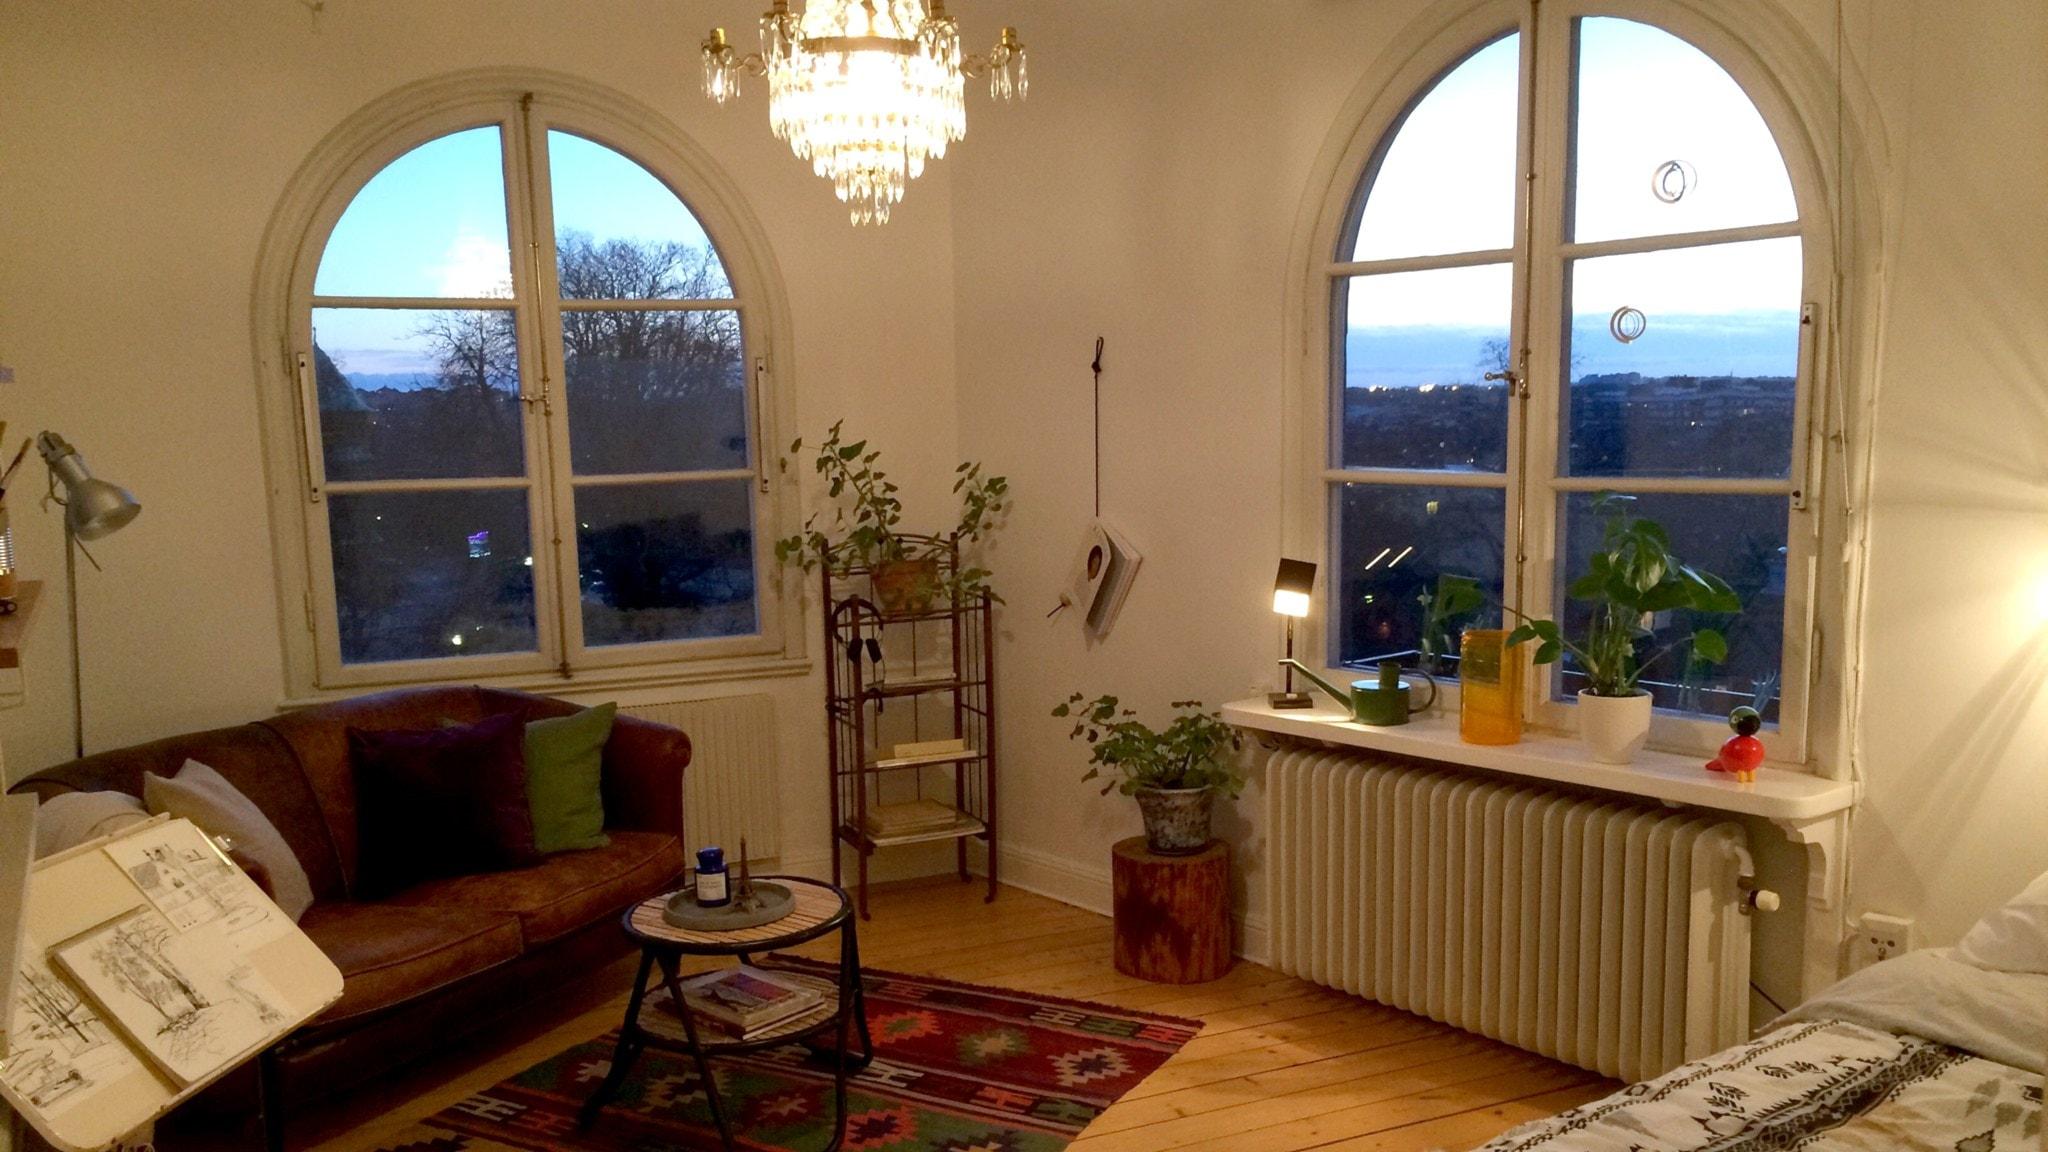 Domicile dash - scrambling for housing in Sweden